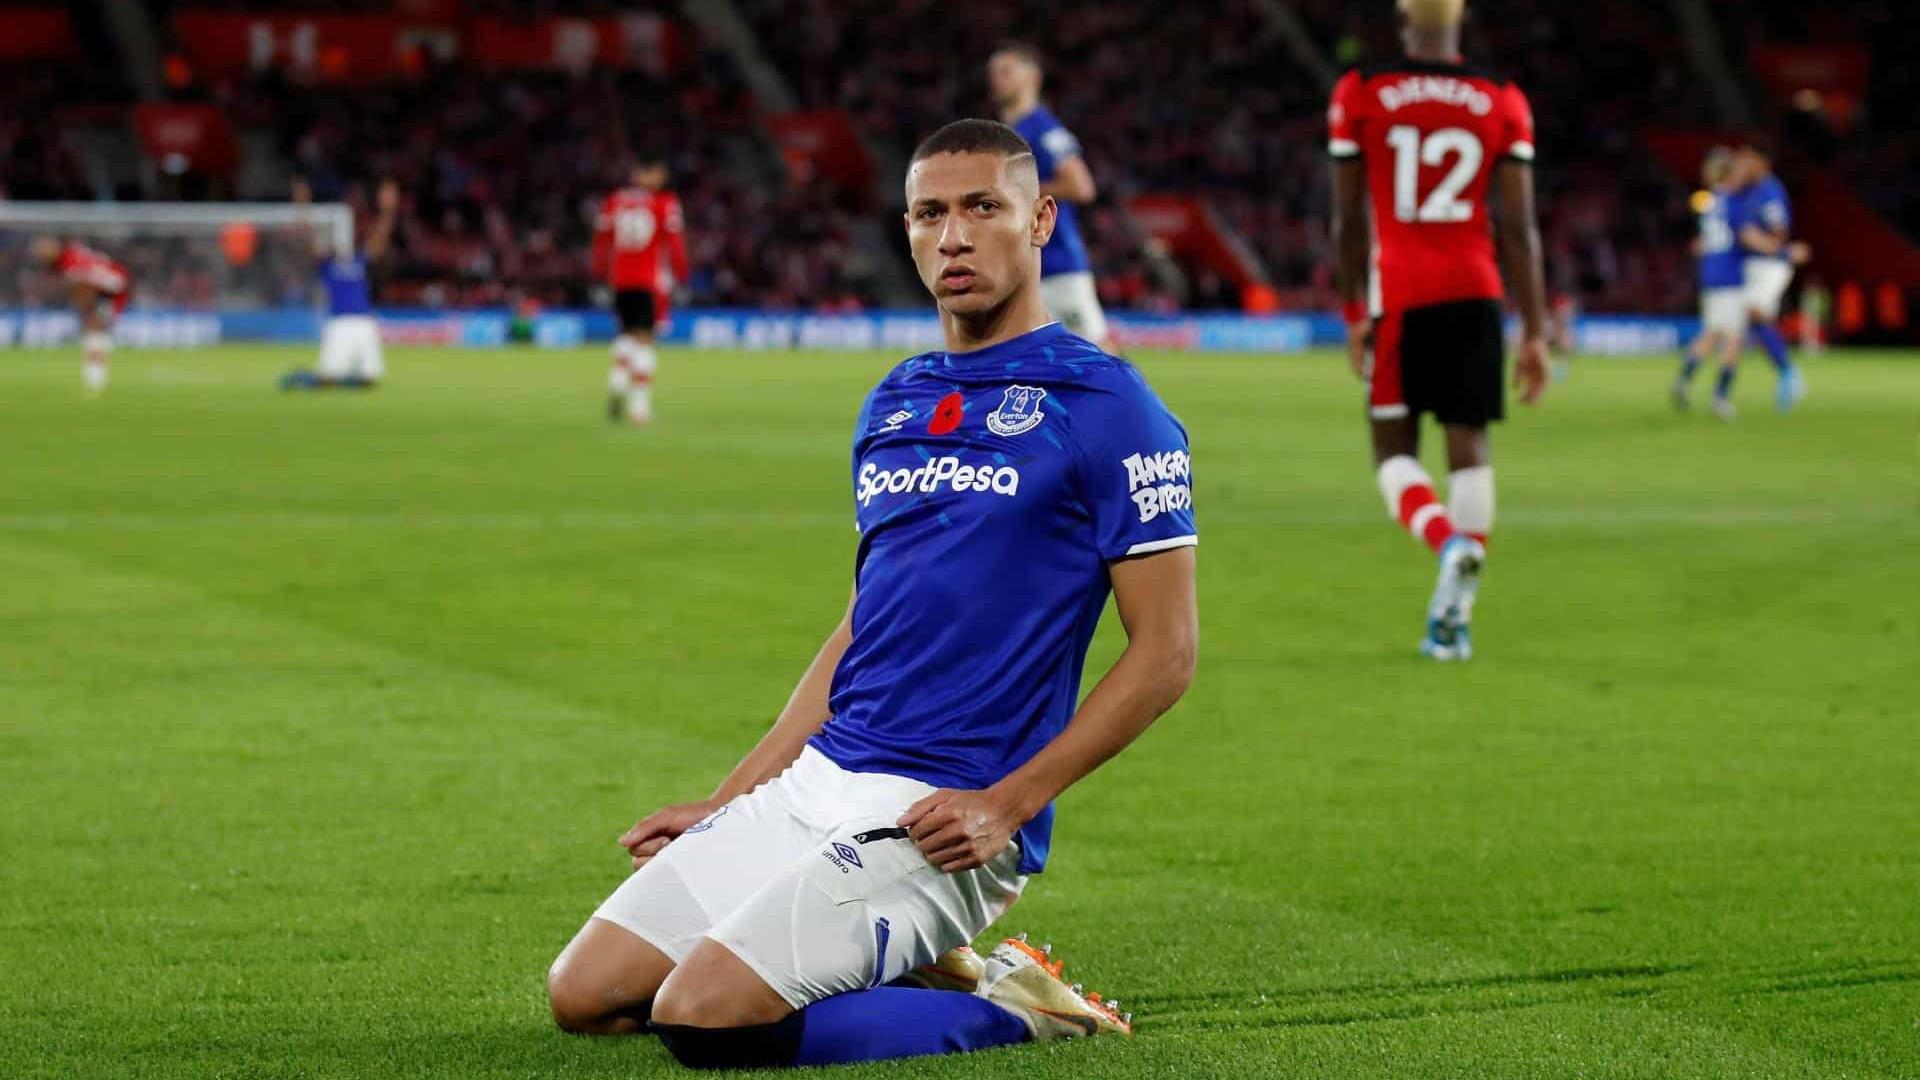 Com gol de Richarlison, Everton derrota o Southampton no Campeonato Inglês